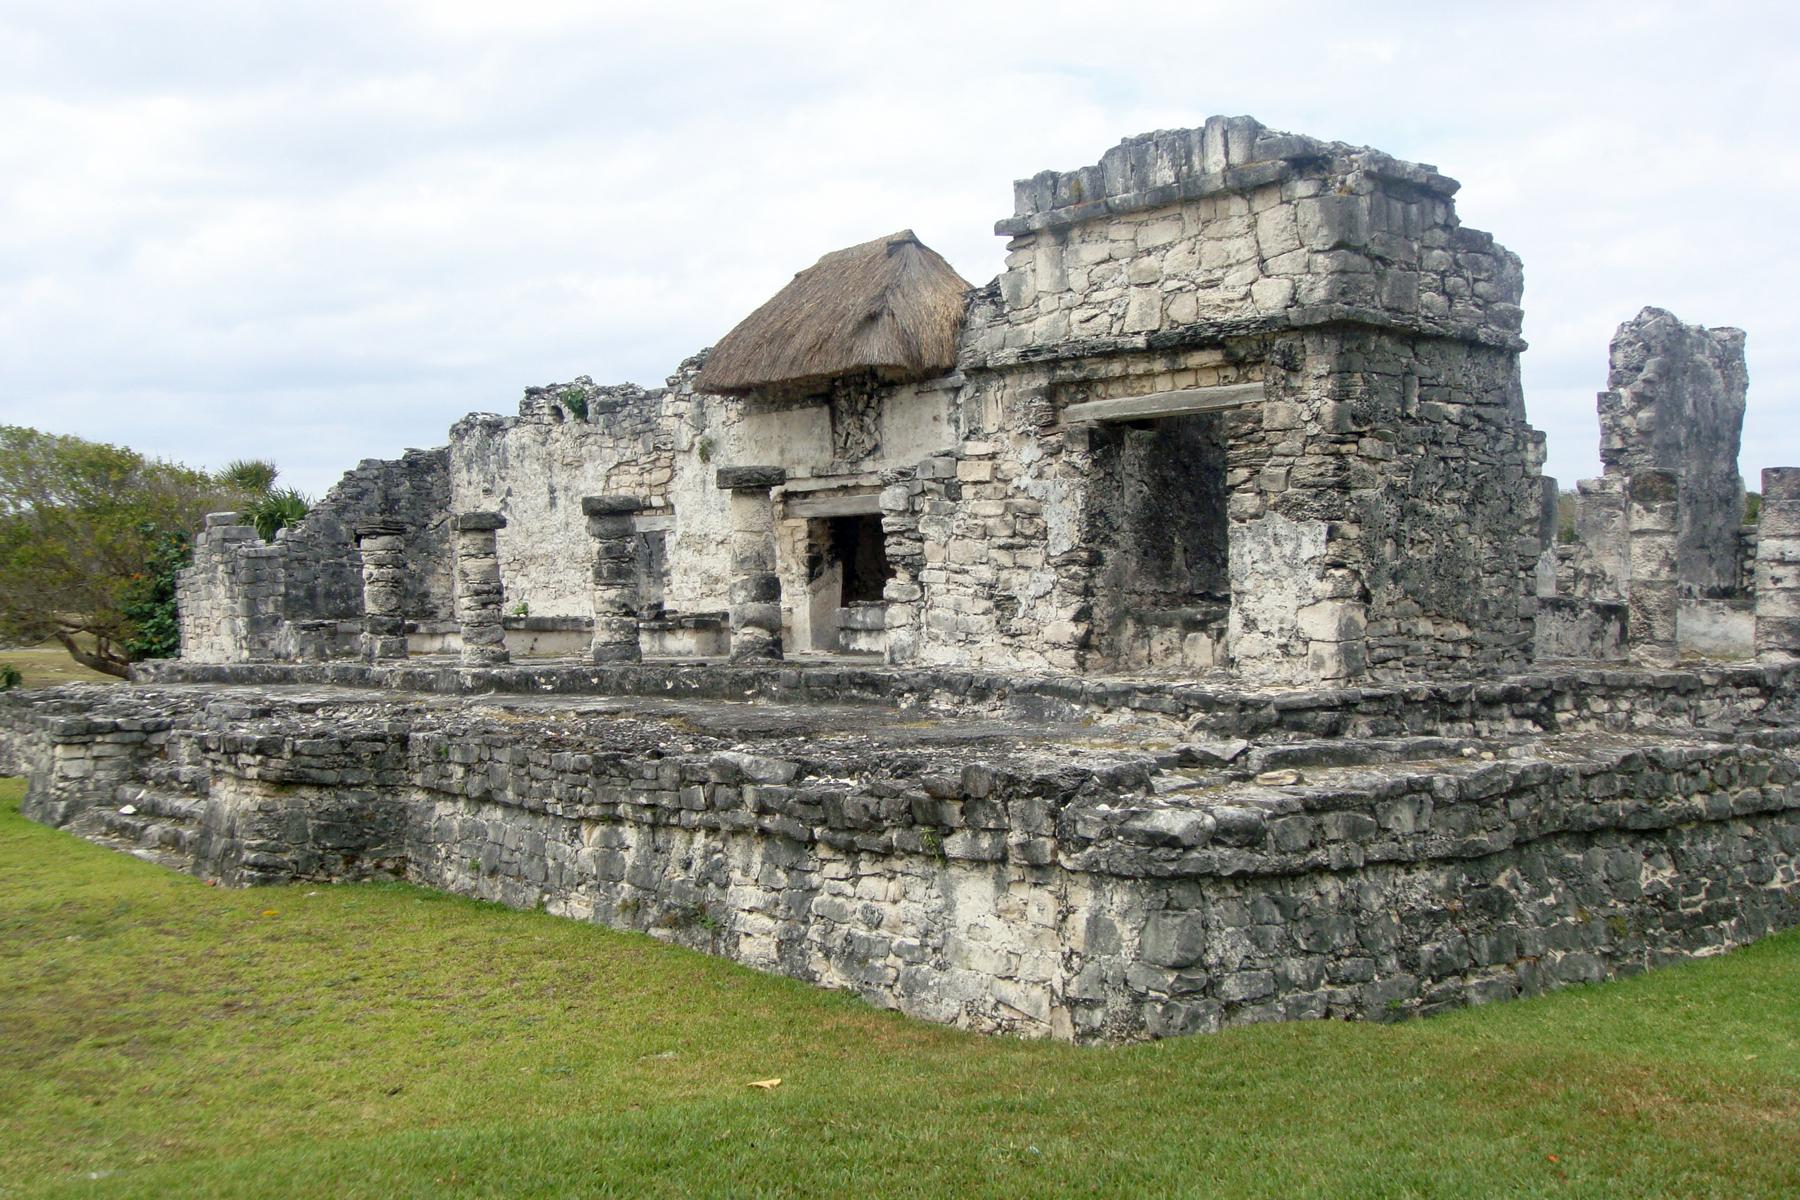 Drevna arhitektura Tulum_03_2011_Templo_del_Dios_Descendente_1567